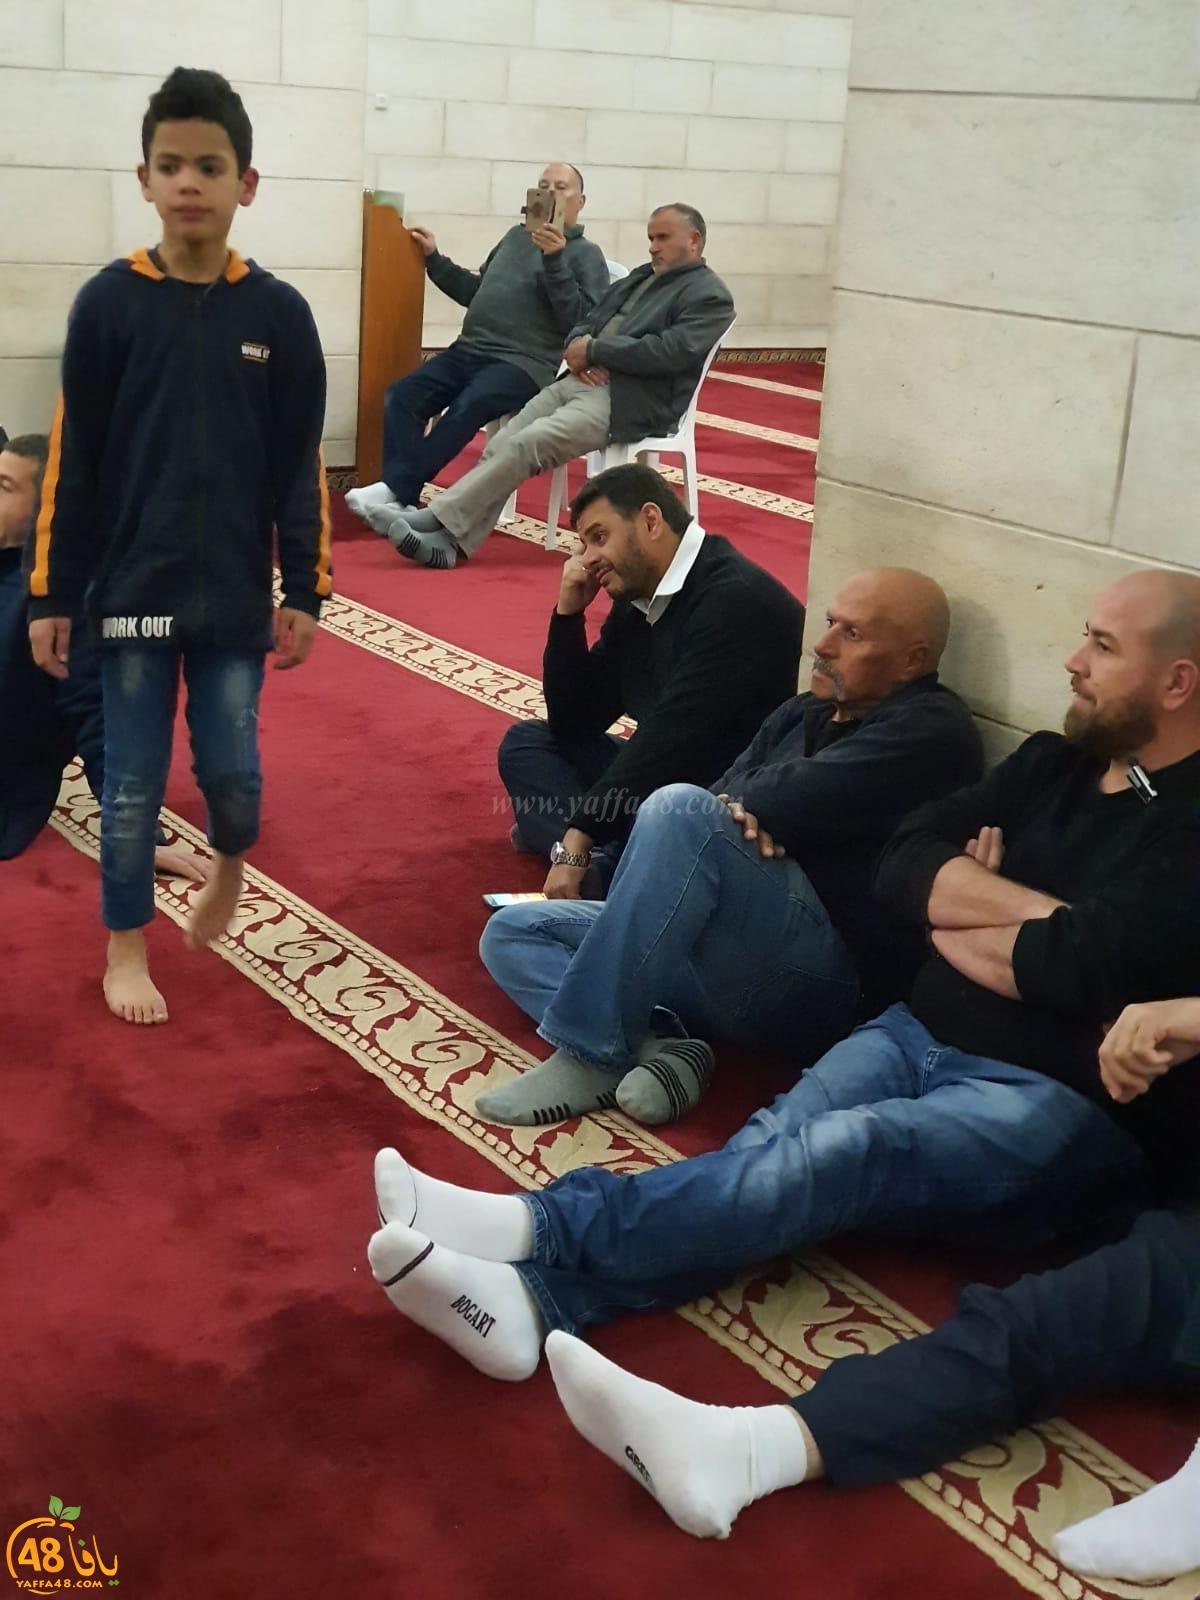 فيديو: محاضرة قيّمة لفضيلة الشيخ خالد غنايم في المسجد الكبير باللد